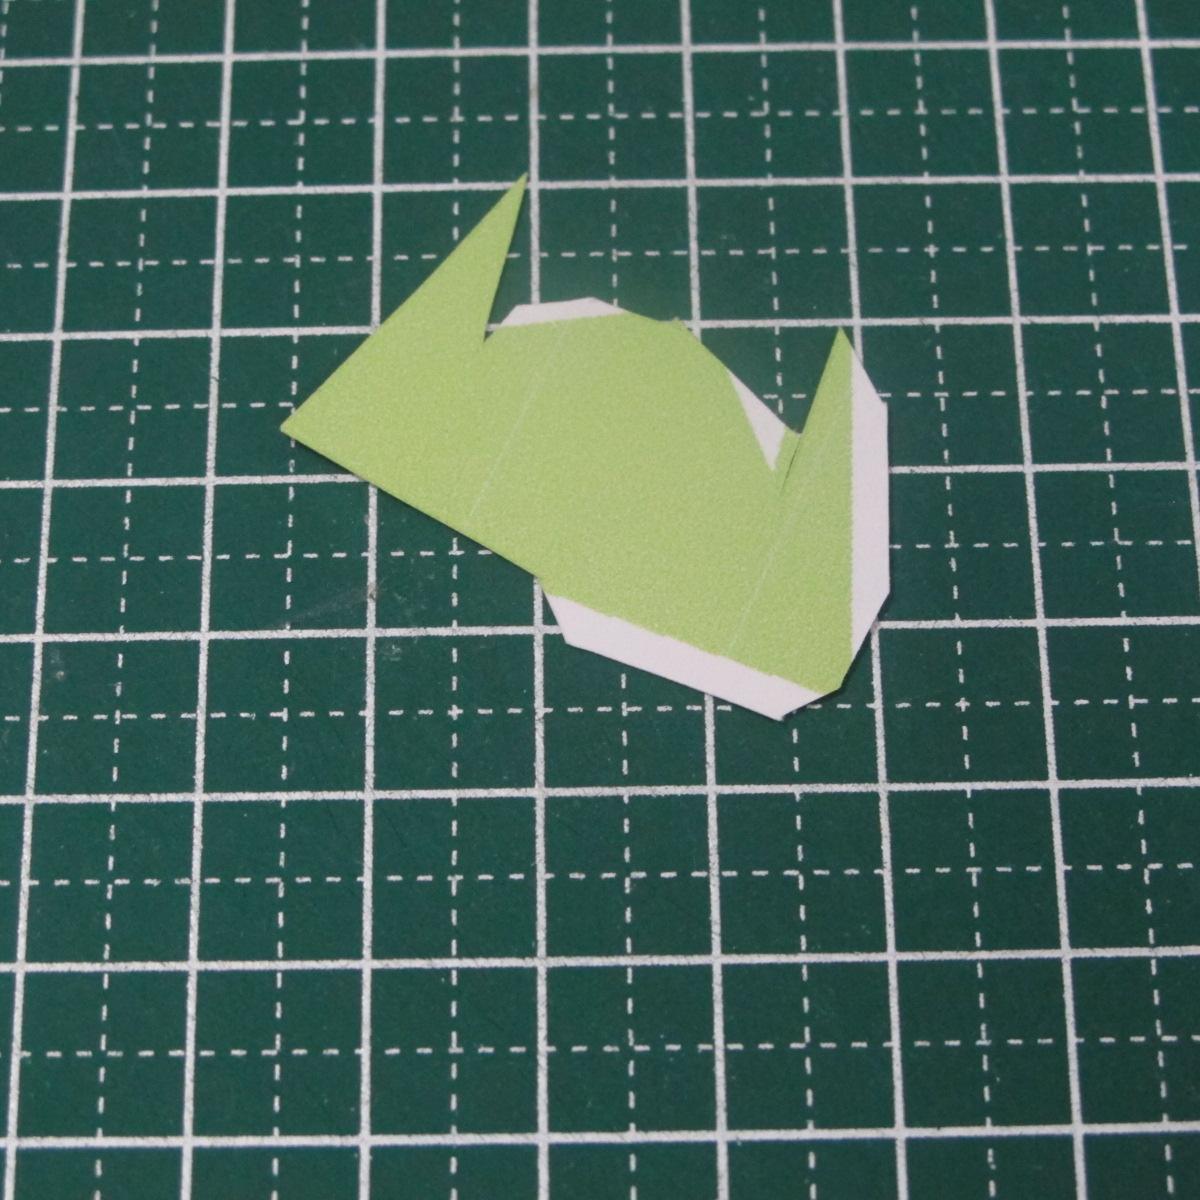 วิธีทำของเล่นโมเดลกระดาษรูปนก (Bird Paper craft ) 005